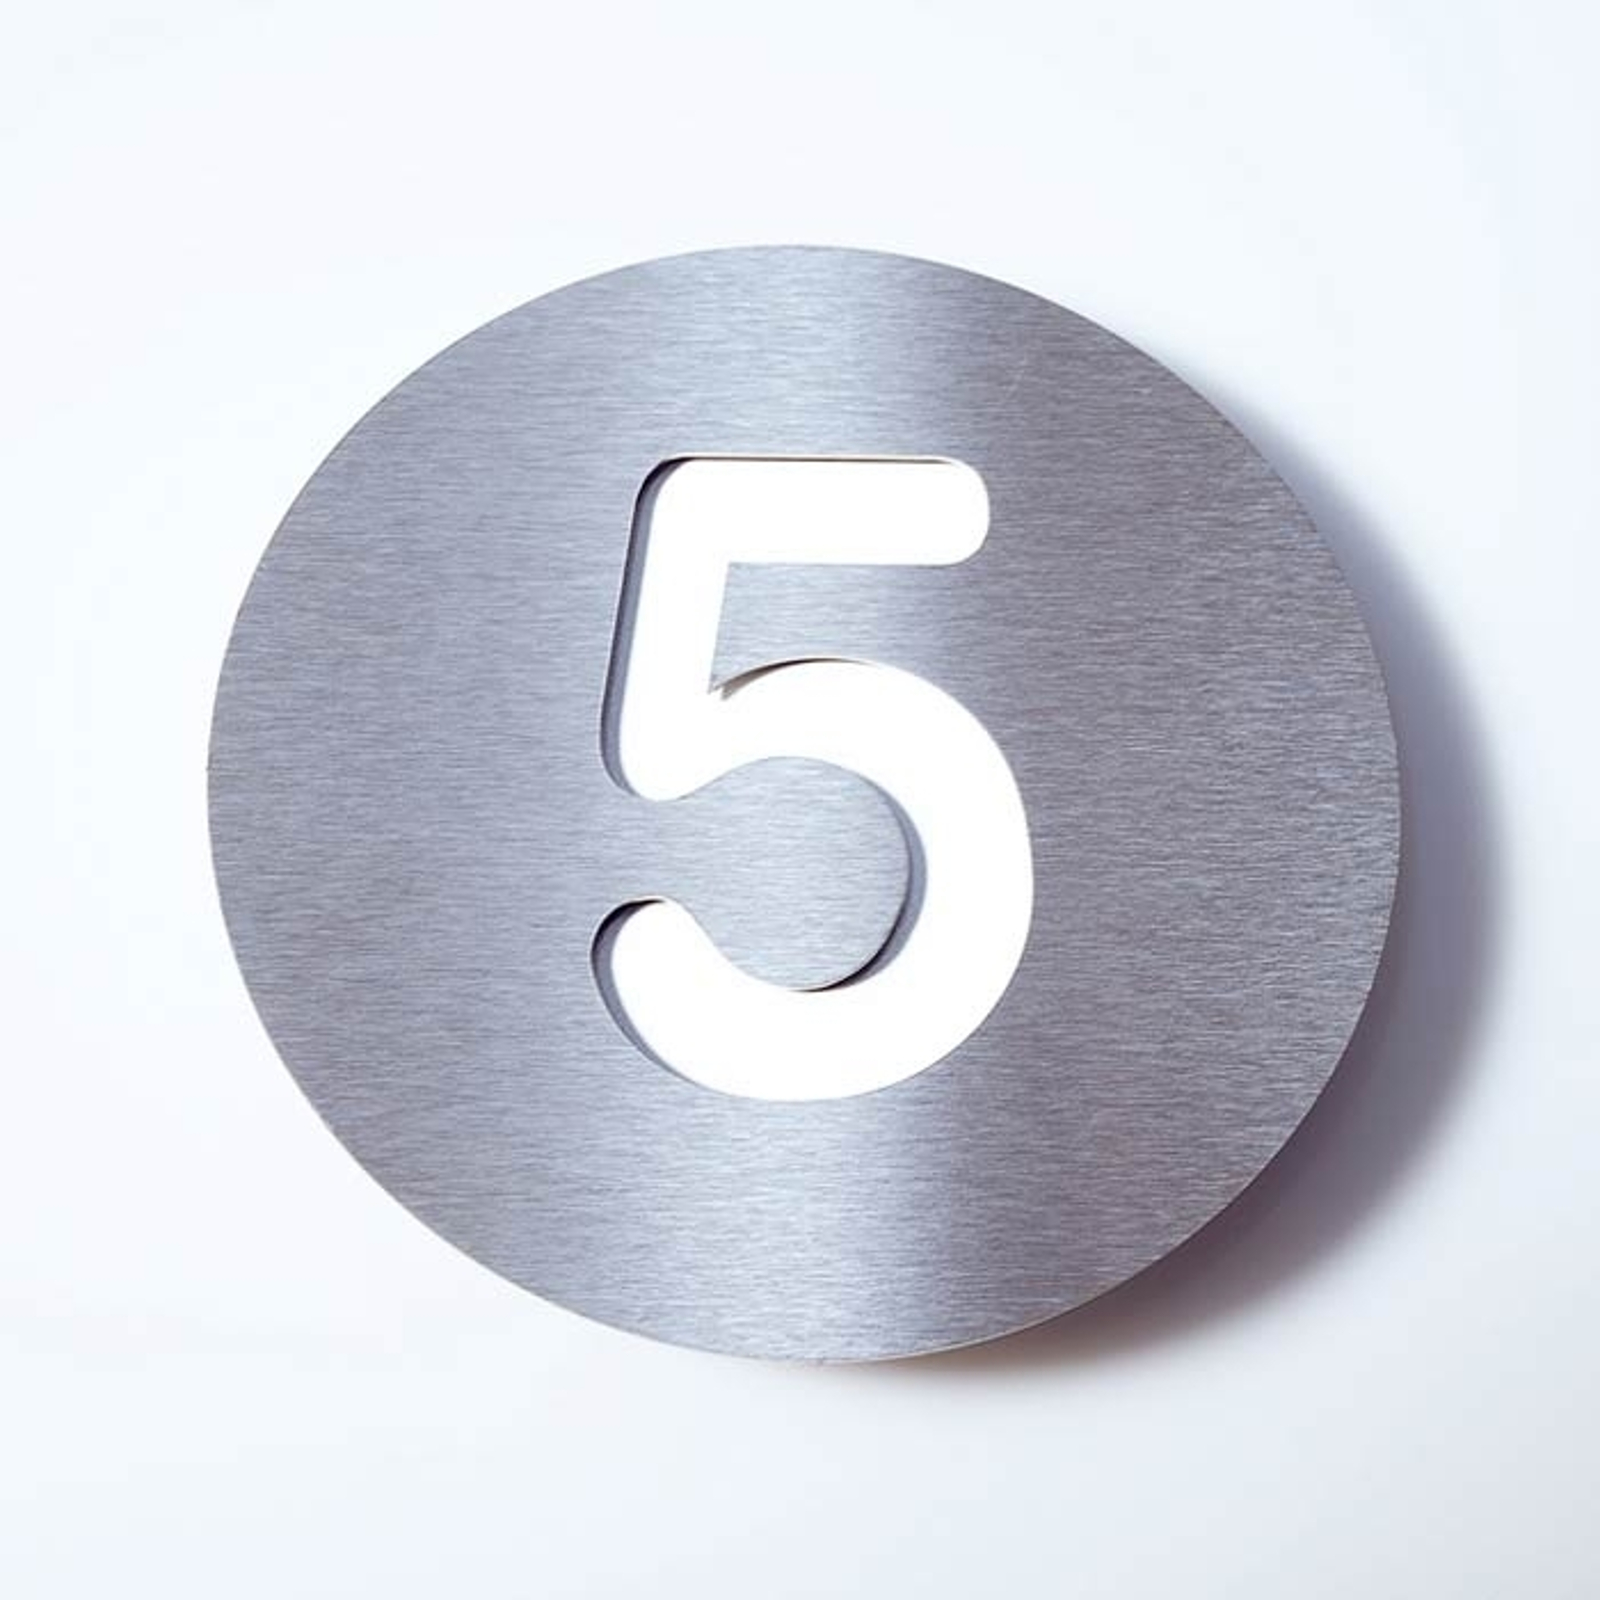 Número de casa Round de acero inoxidable - 5